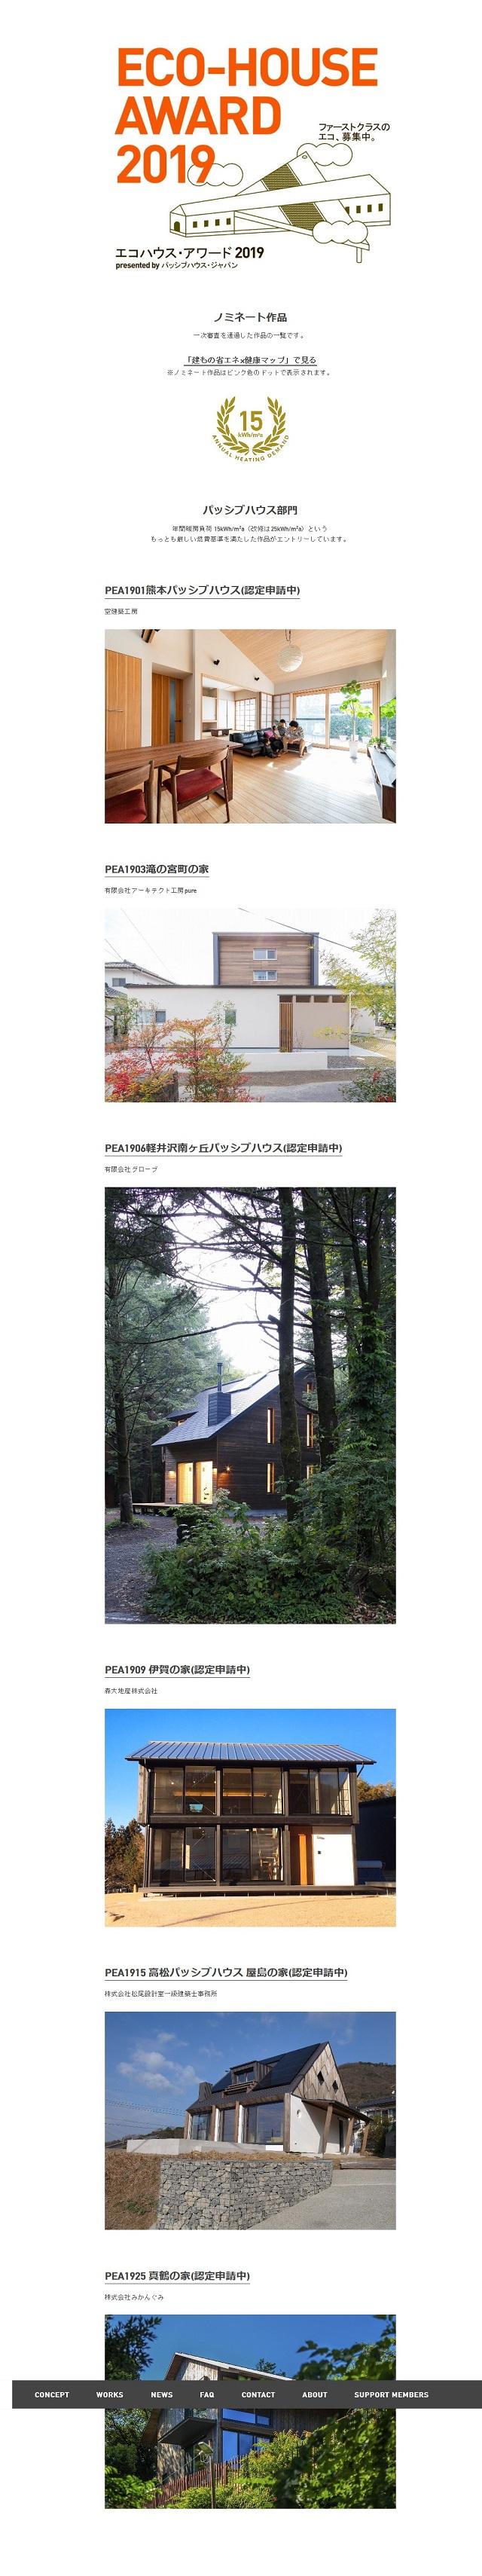 Screenshot_2019-03-12 PEA1900エコハウスアワード2019ノミネート作品 • PASSIVE HOUSE JAPAN2